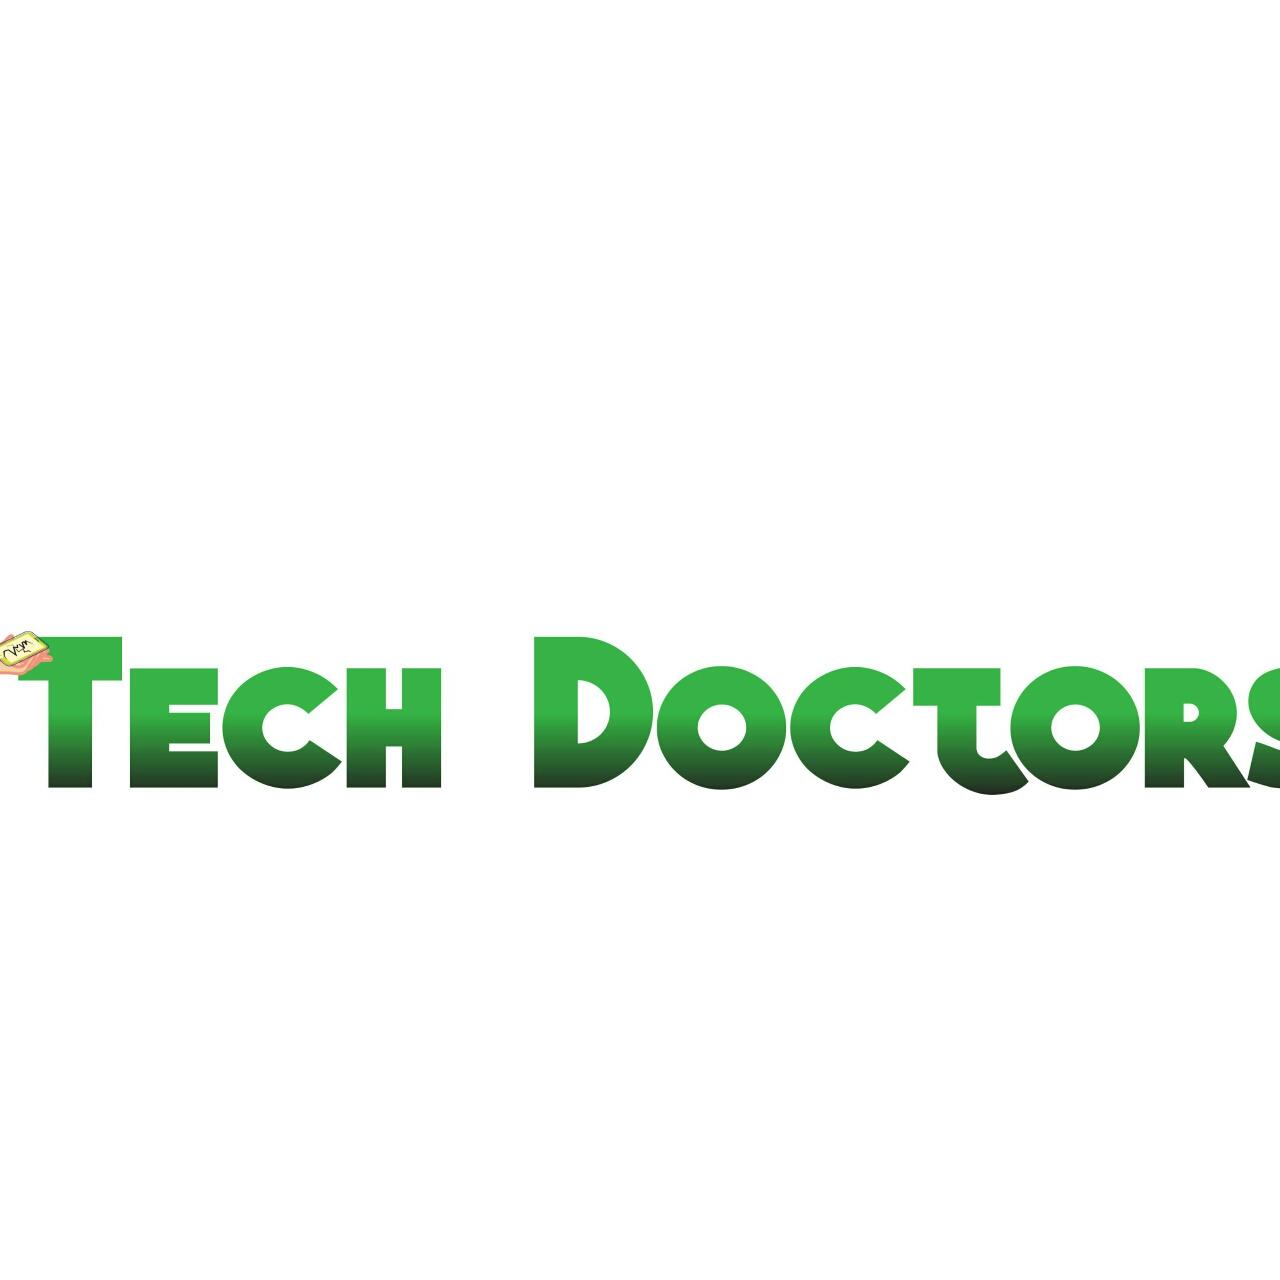 Wireless Tech Doctors